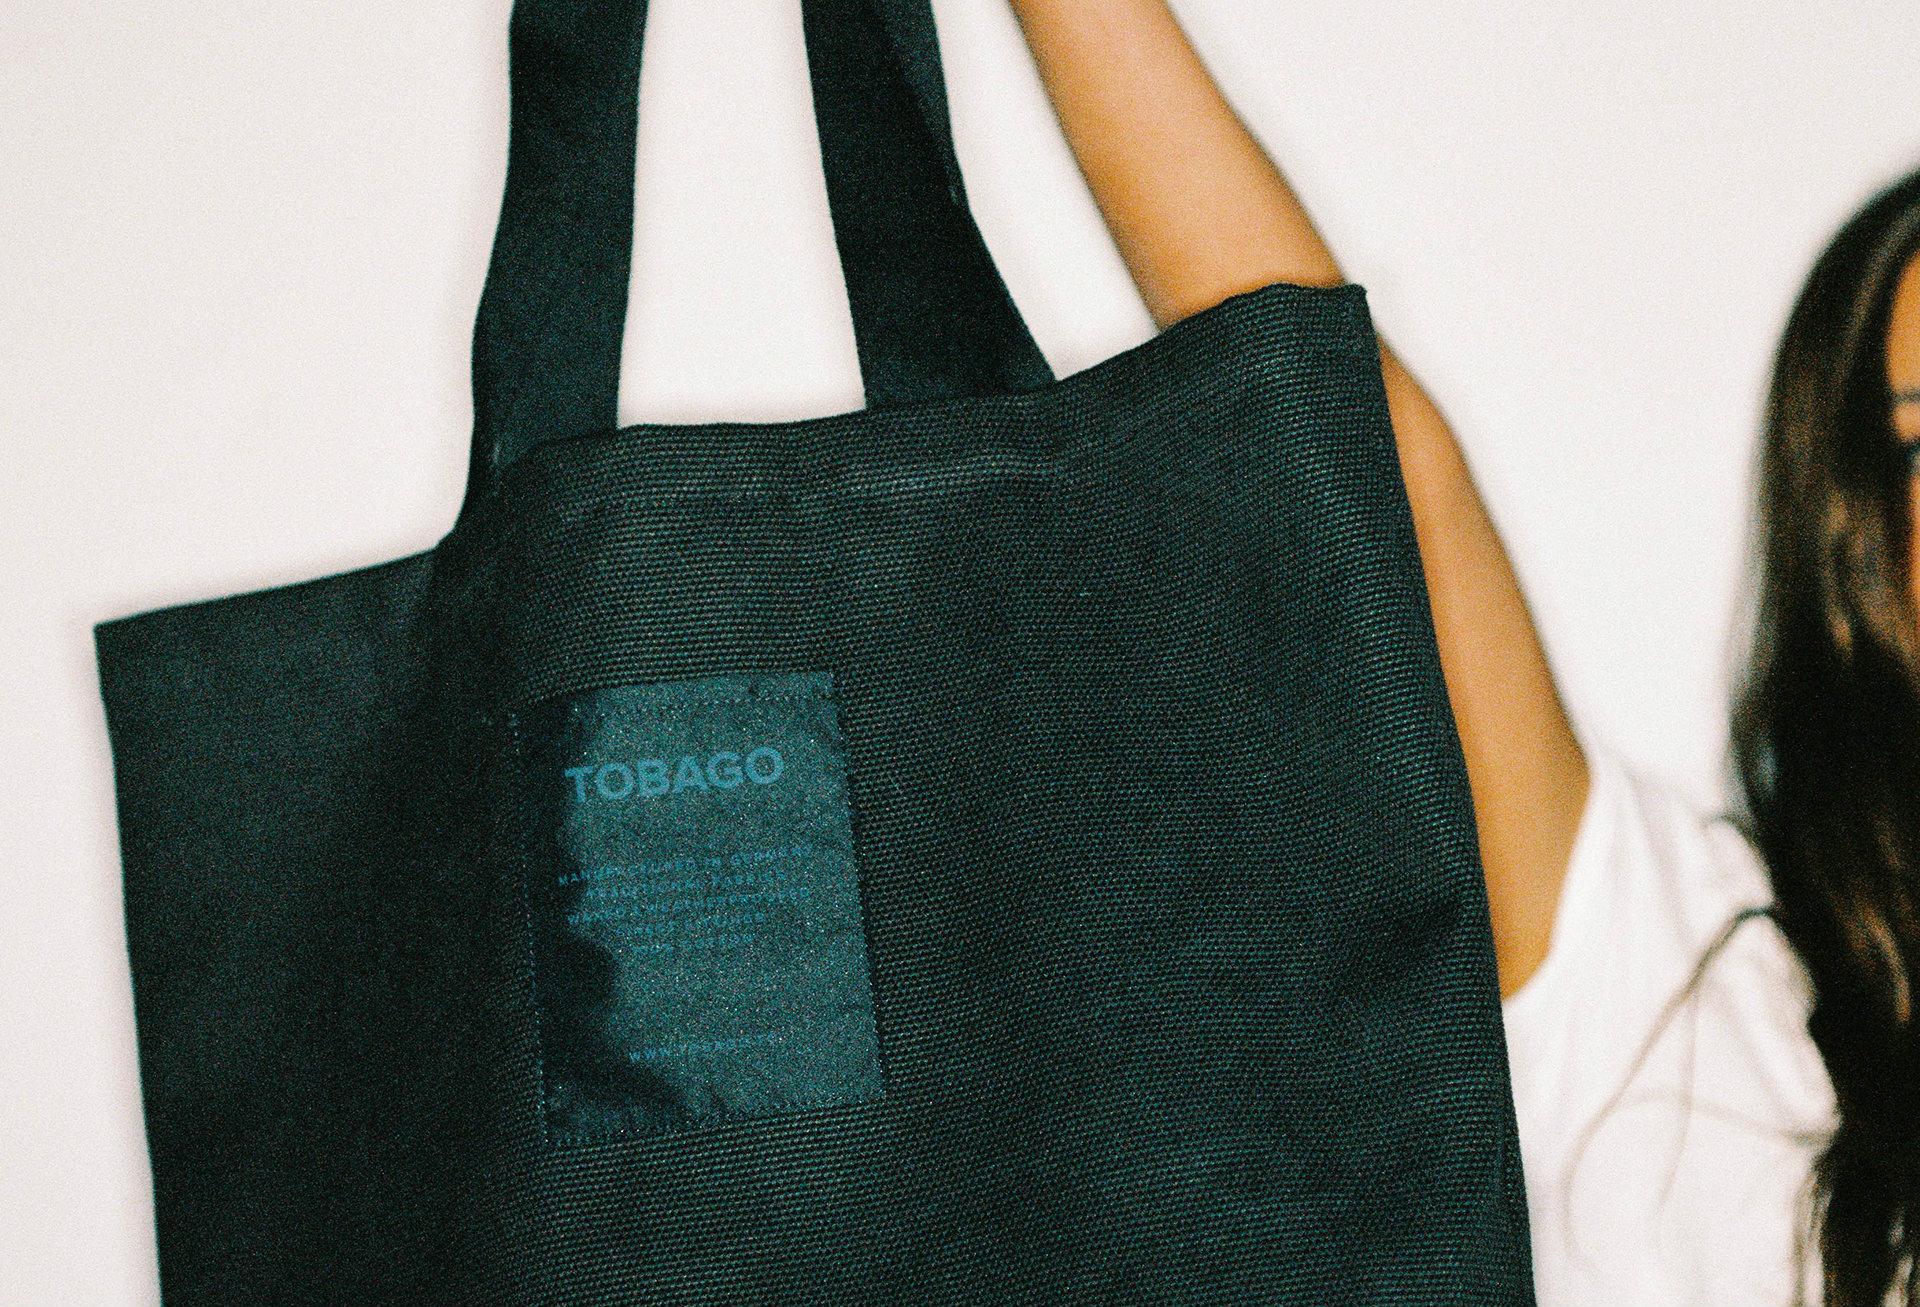 Tobago bags